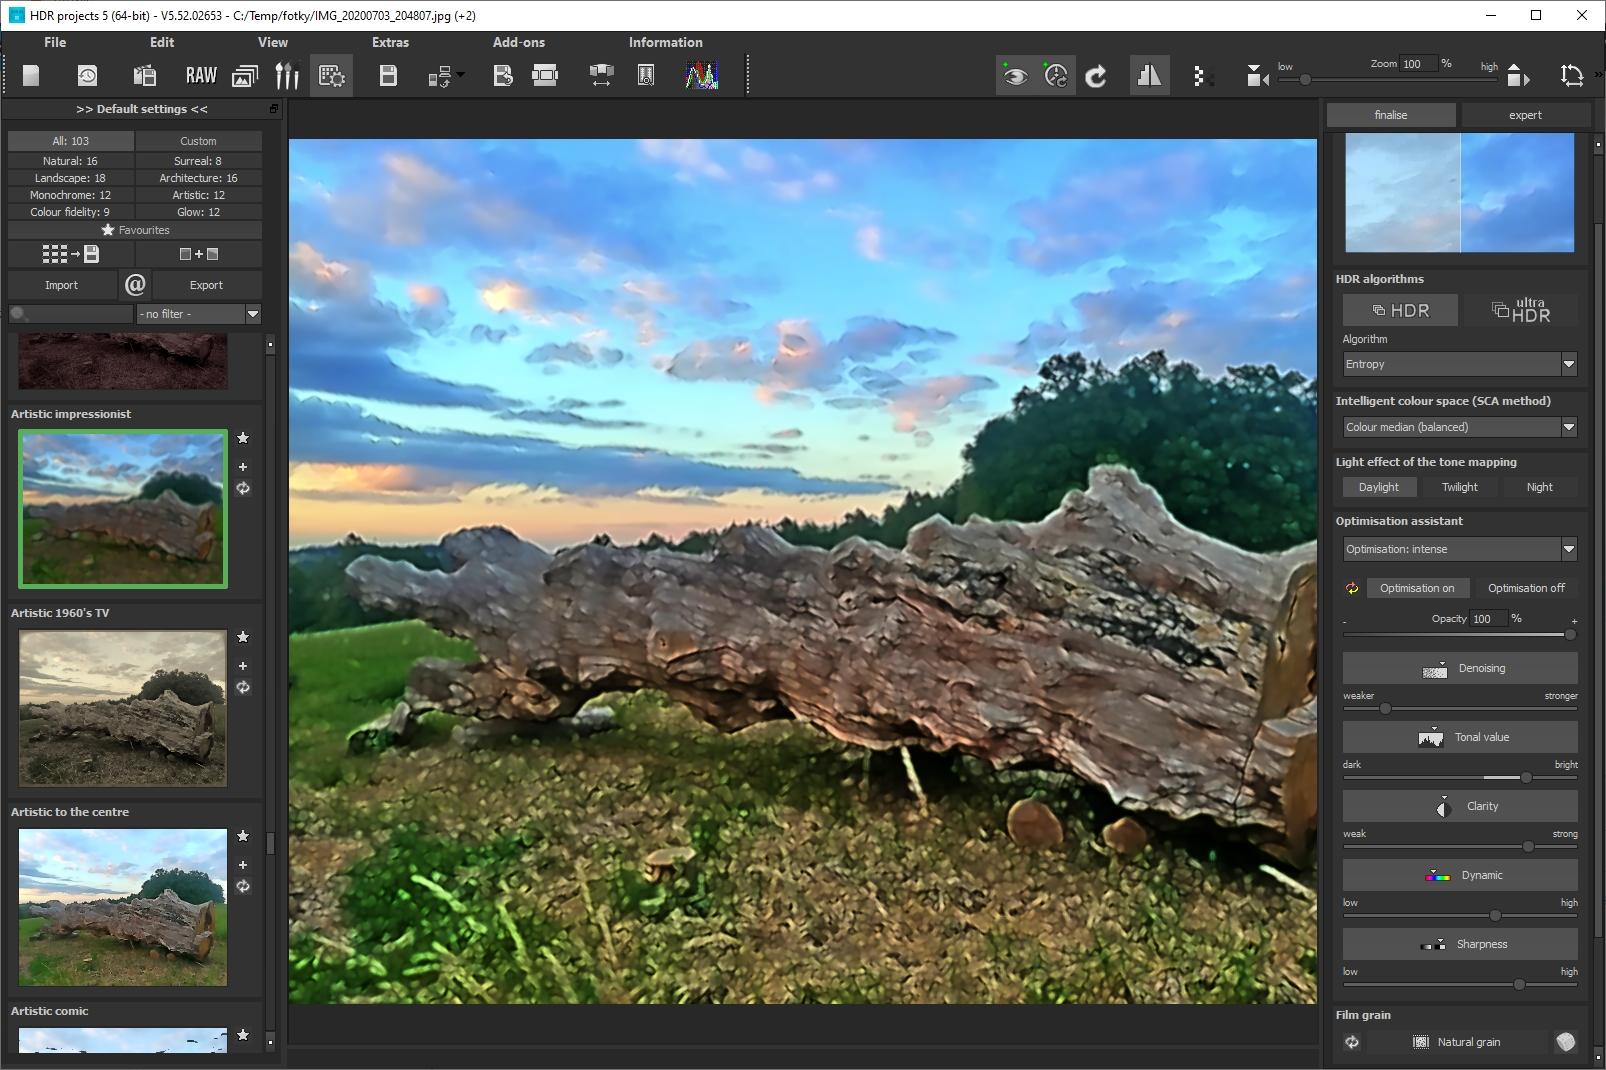 Pomocí předpřipravených šablon, kterých program nabízí více než stovku, rychle vyberete originální úpravu vzhlede svého snímku. Pomocí vhodné kombinace filtrů a efektů tak svoji fotku proměníte v umělecké dílko – impresionistickou malbu.